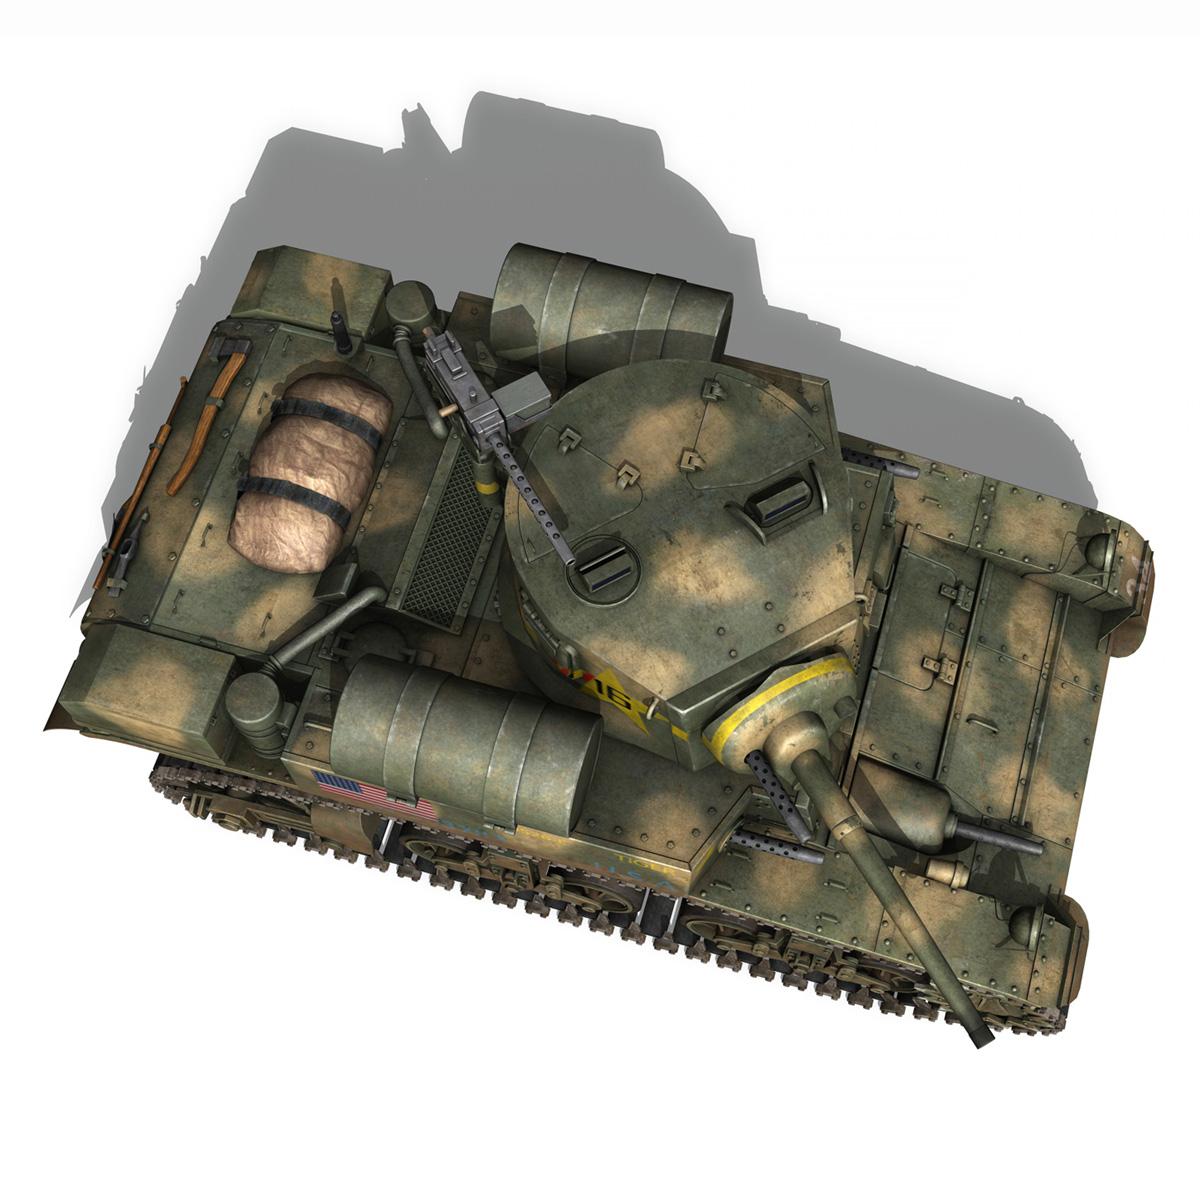 m3a1 light tank stuart – tiger 3d model 3ds c4d fbx lwo lw lws obj 265641